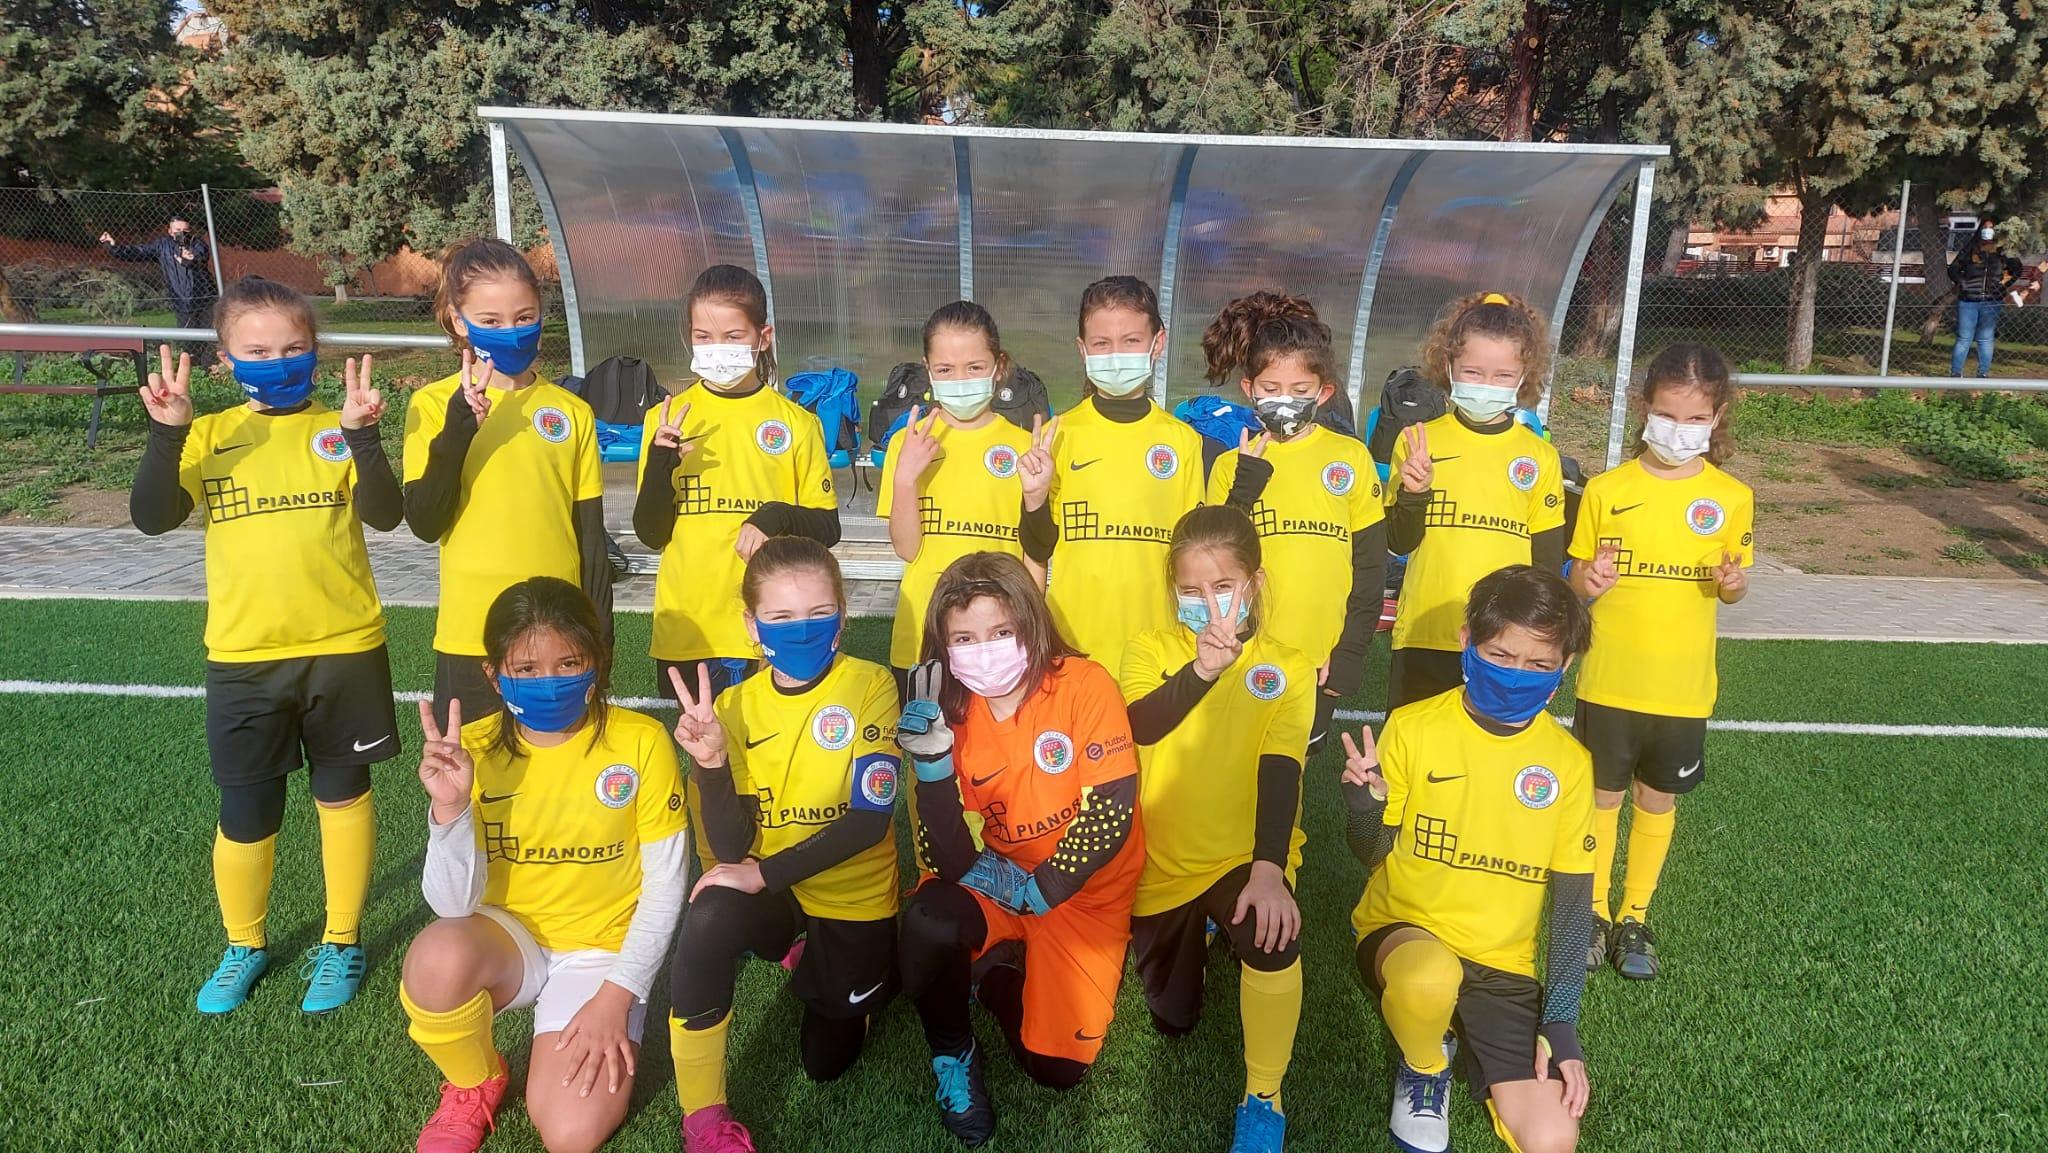 Jugadora Escuela Fútbol Getafe Femenino. Benjamín